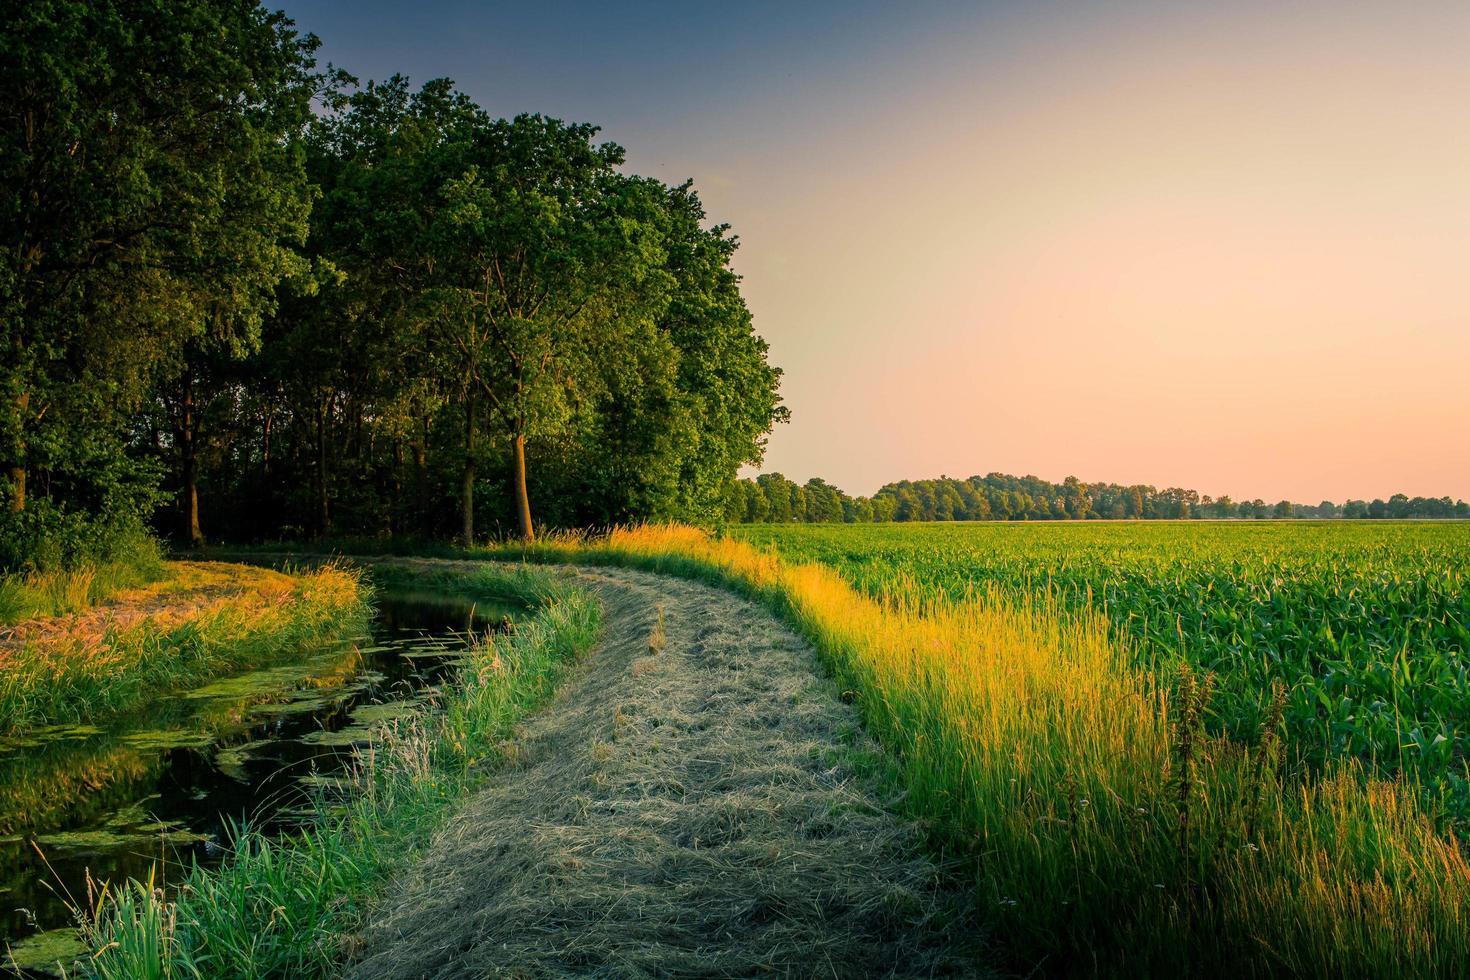 traject dat leidt naar een bos tijdens zonsondergang foto